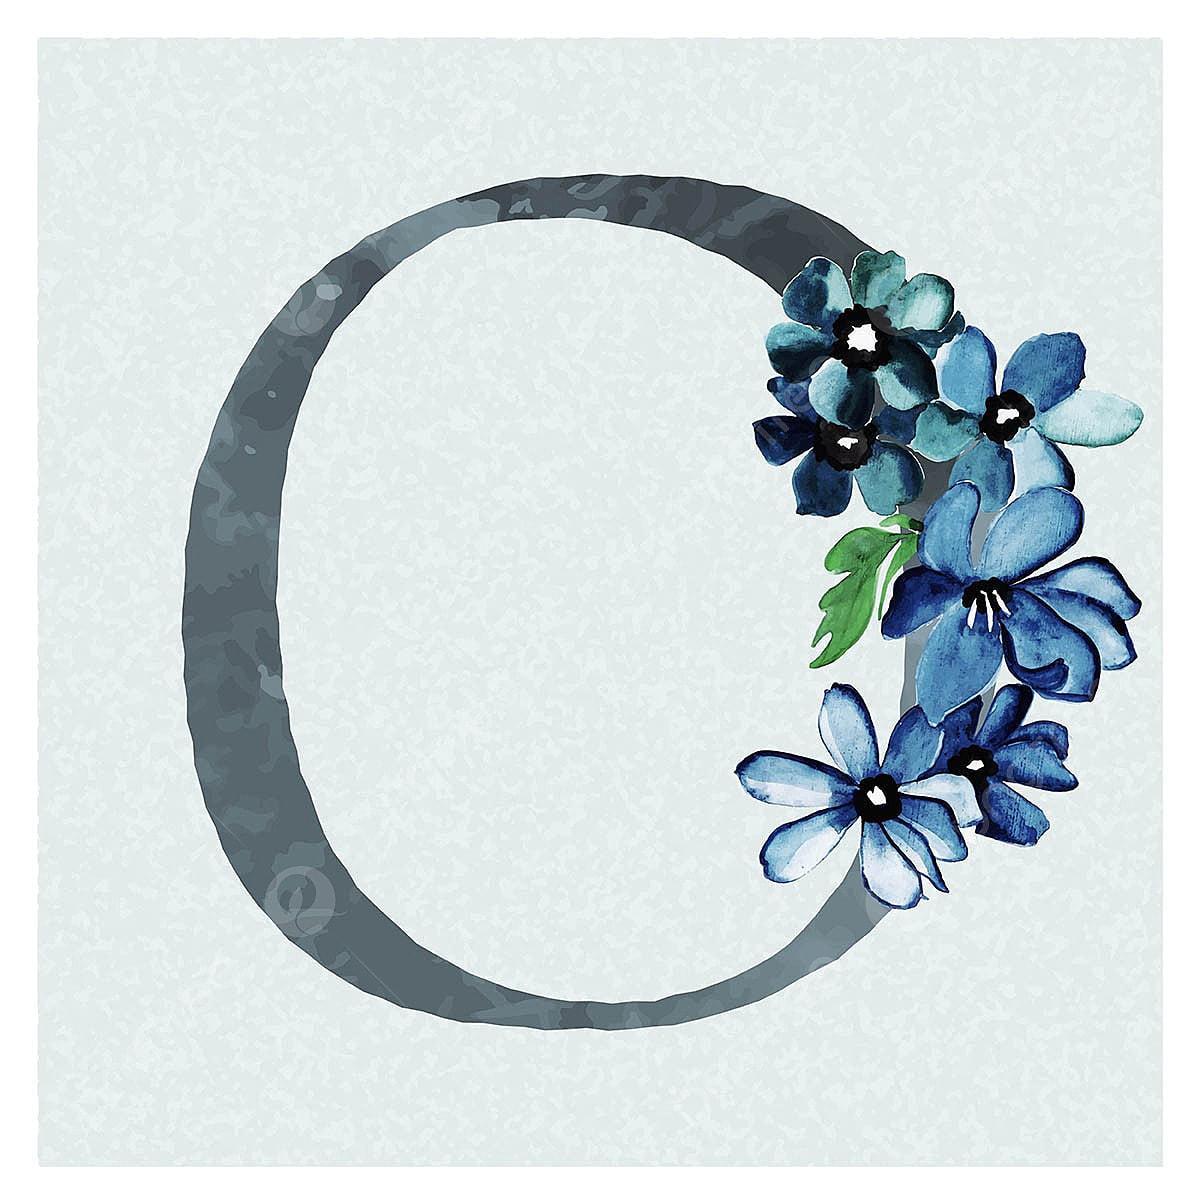 ألوان مائية الزهور خلفية باللون الأزرق موضوع الرسالة س ألوان مائية اللون زهري Png والمتجهات للتحميل مجانا